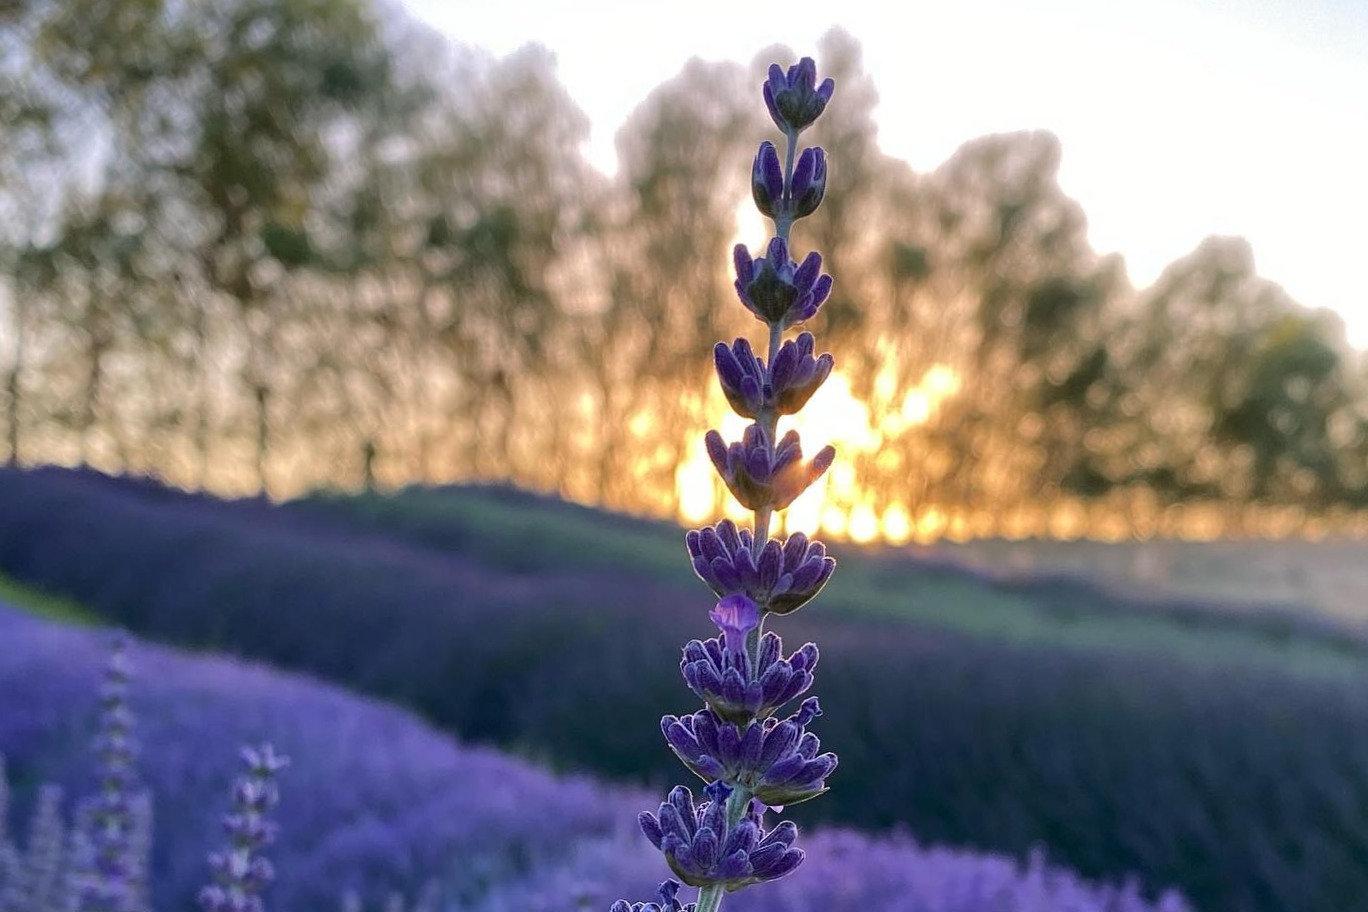 Lavender Mindfulness Meditation, July 11